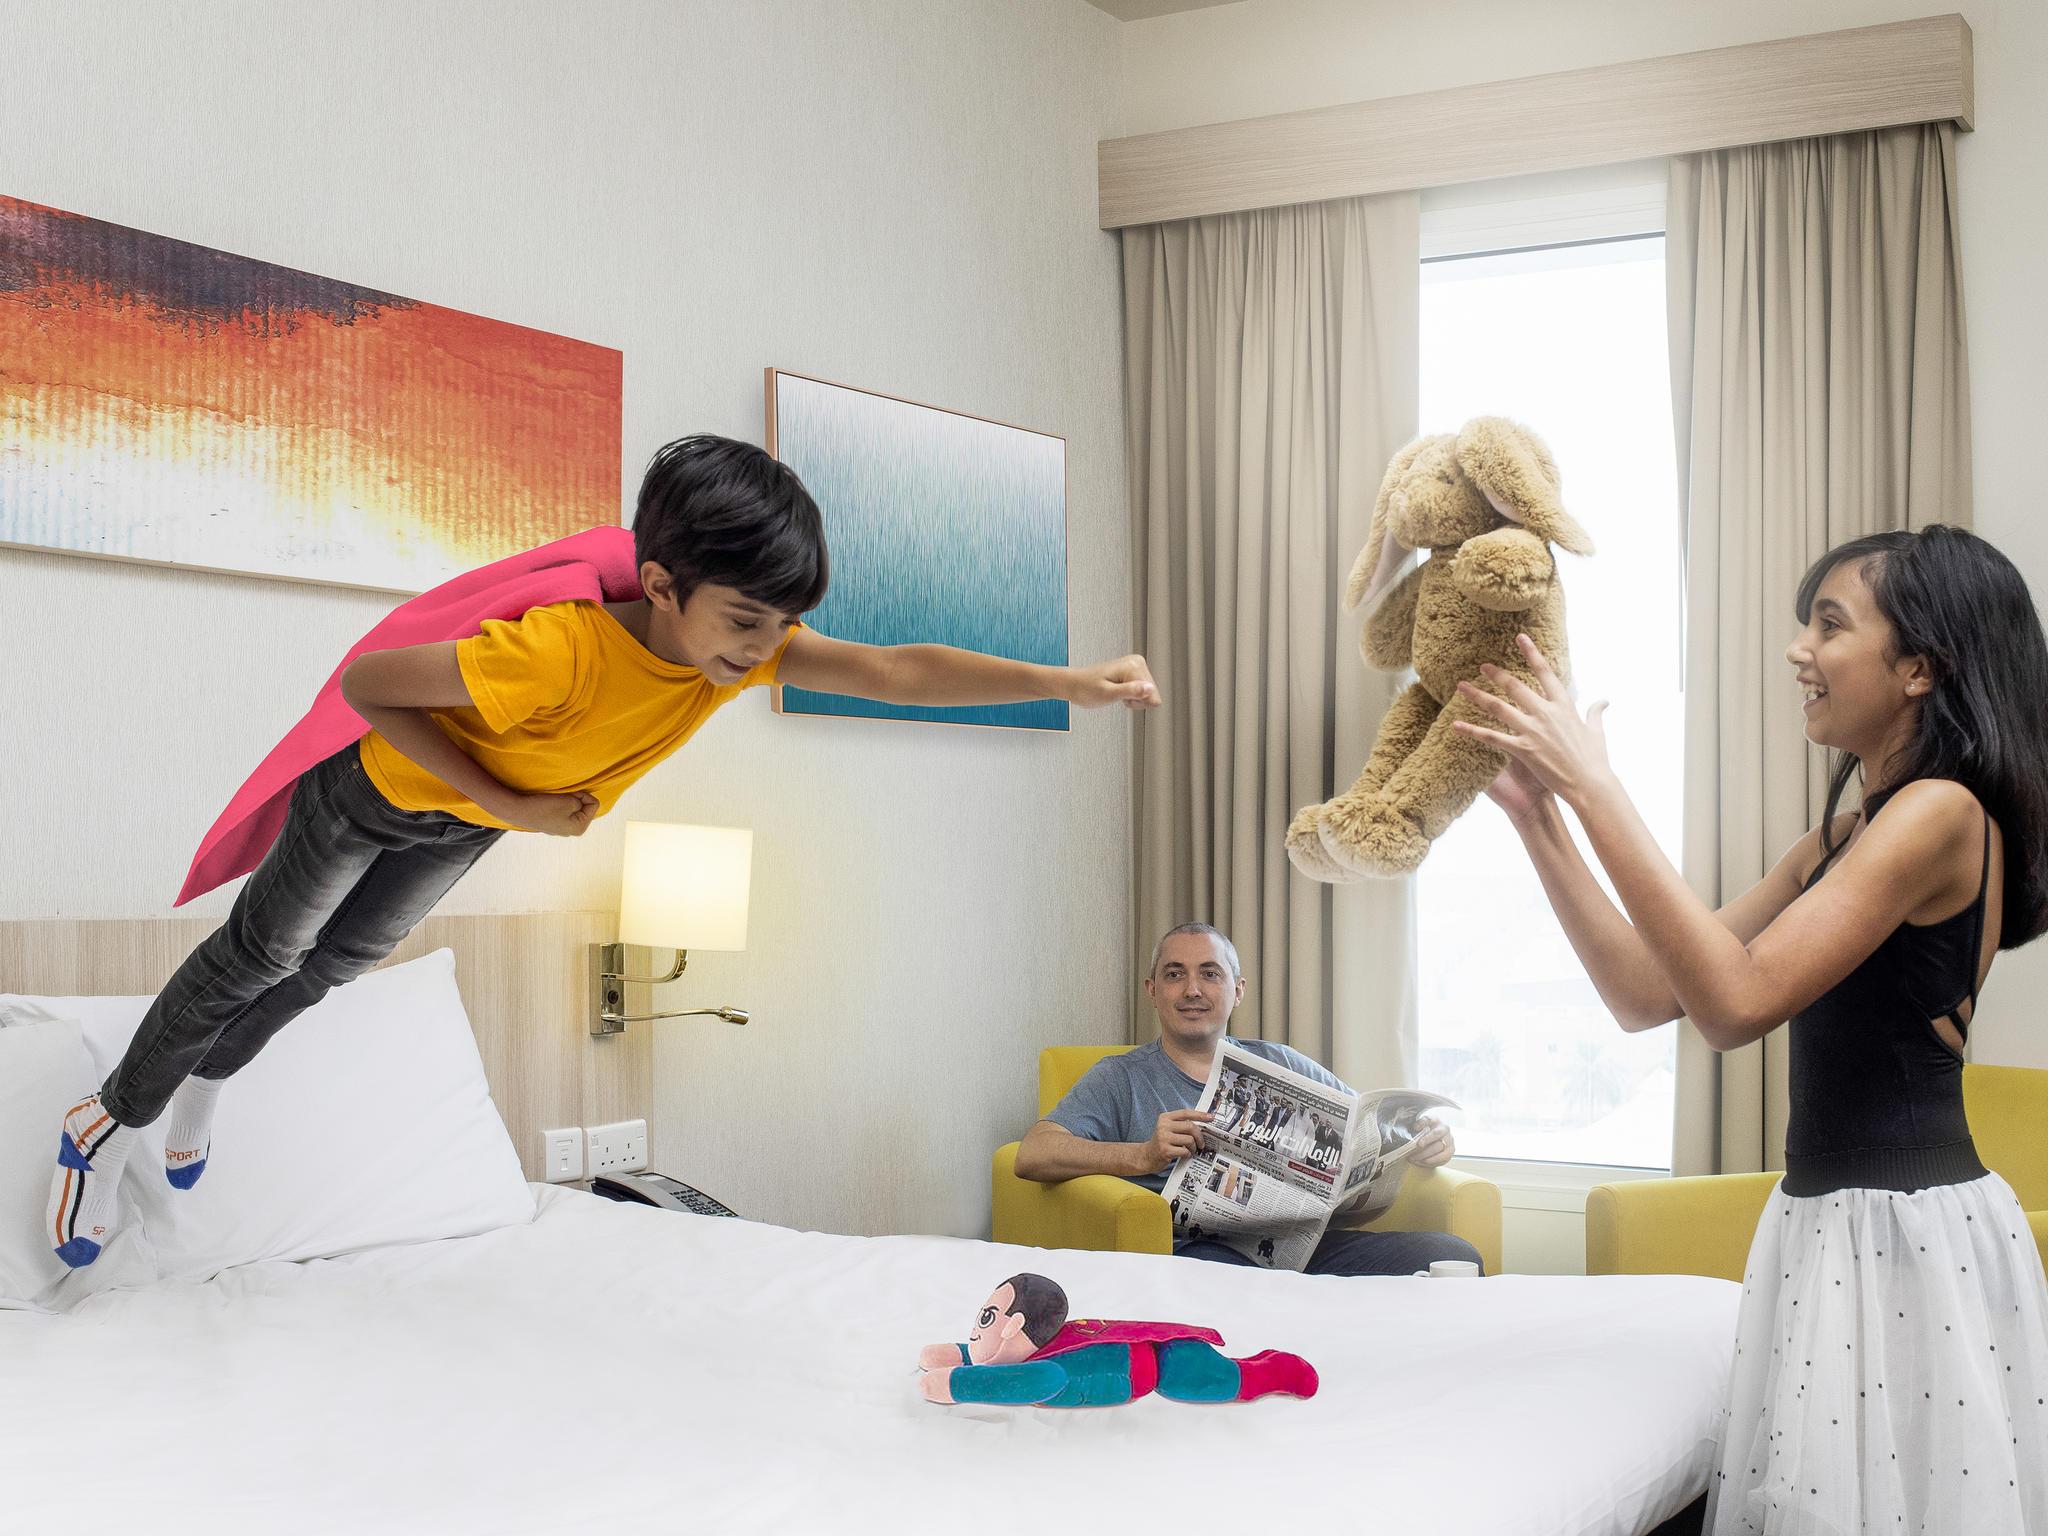 โรงแรม – ไอบิส สไตล์ ดราก้อน มาร์ท ดูไบ